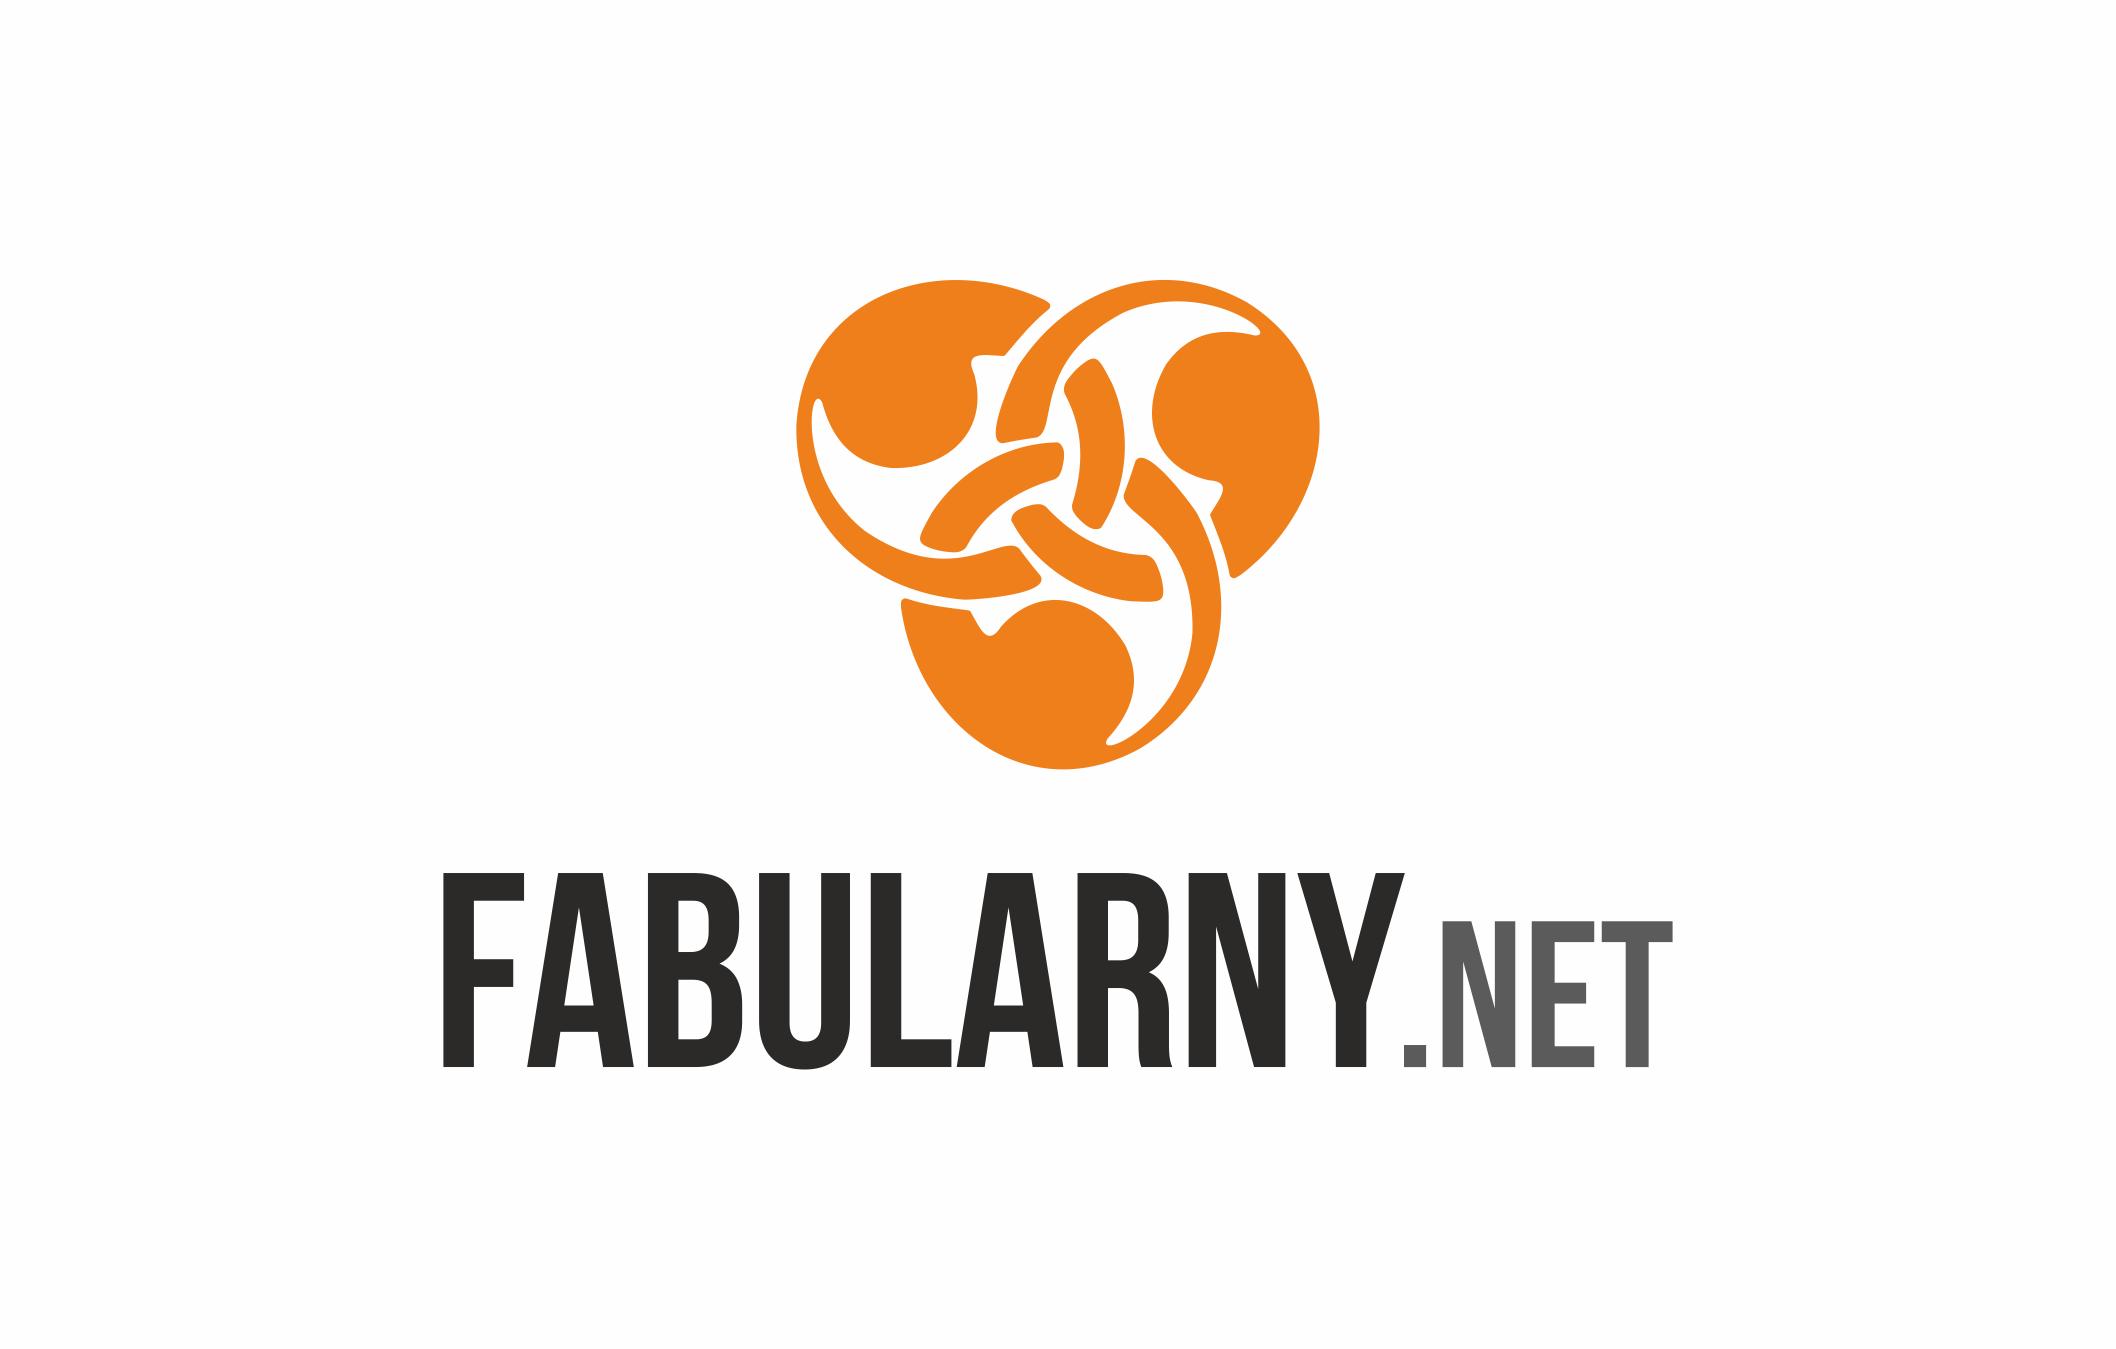 Fabularny.net